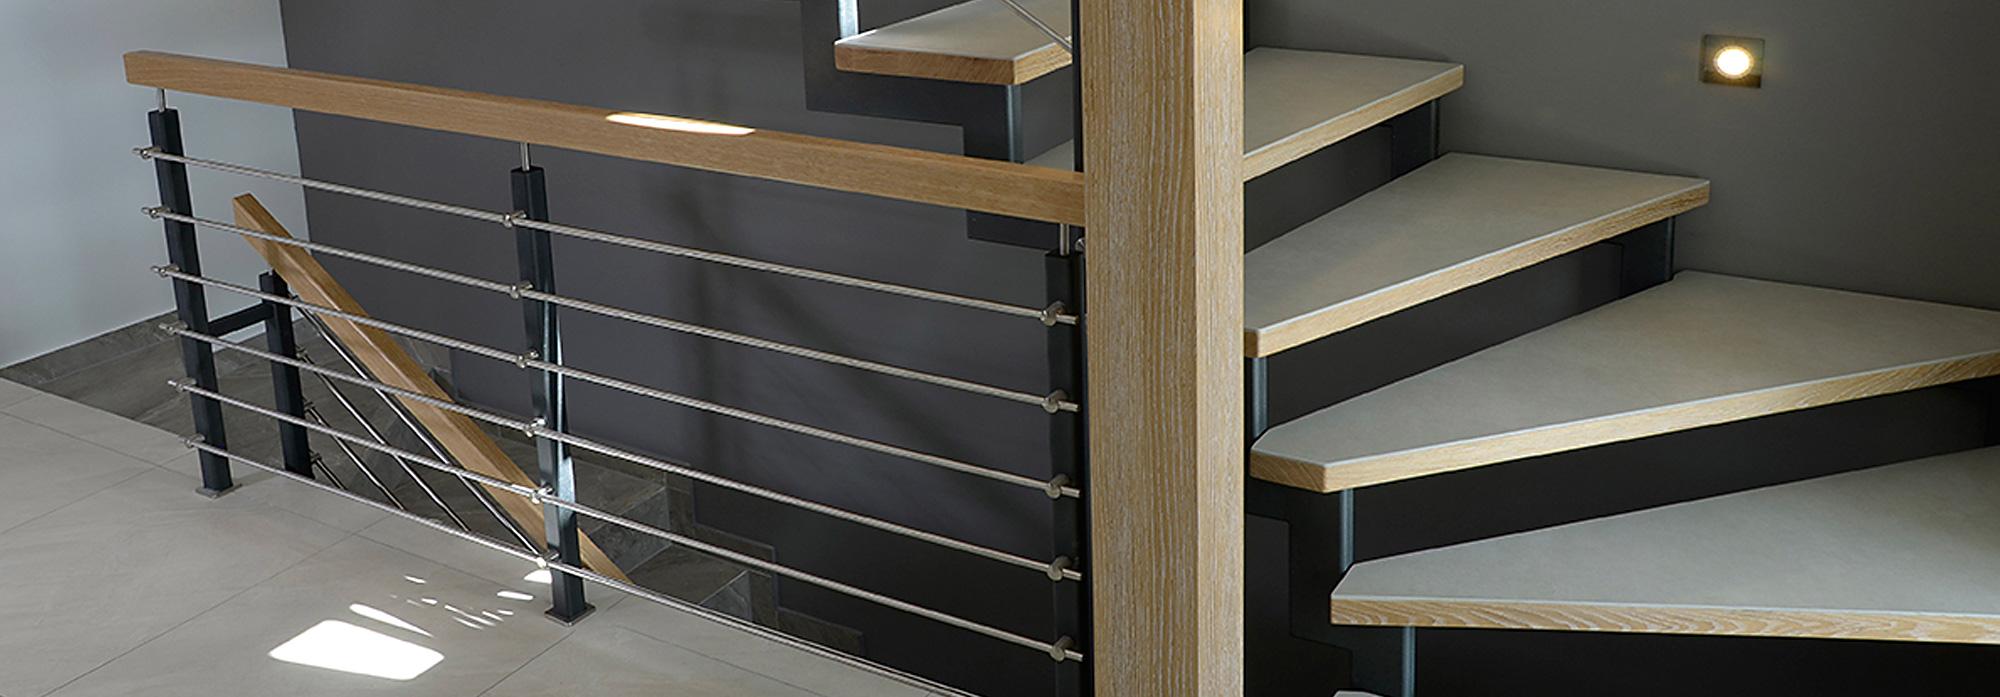 Schody Łomża - Producent schodów drewnianych Łomża